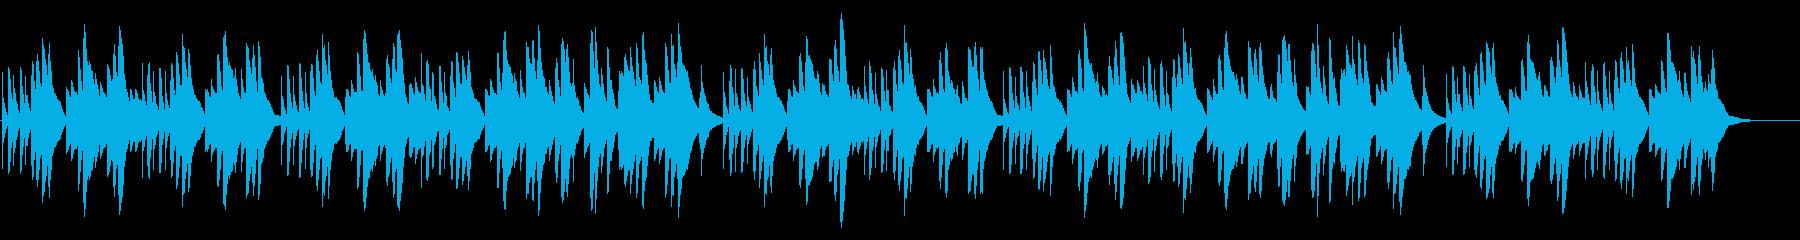 エリーゼのために 18弁オルゴールの再生済みの波形